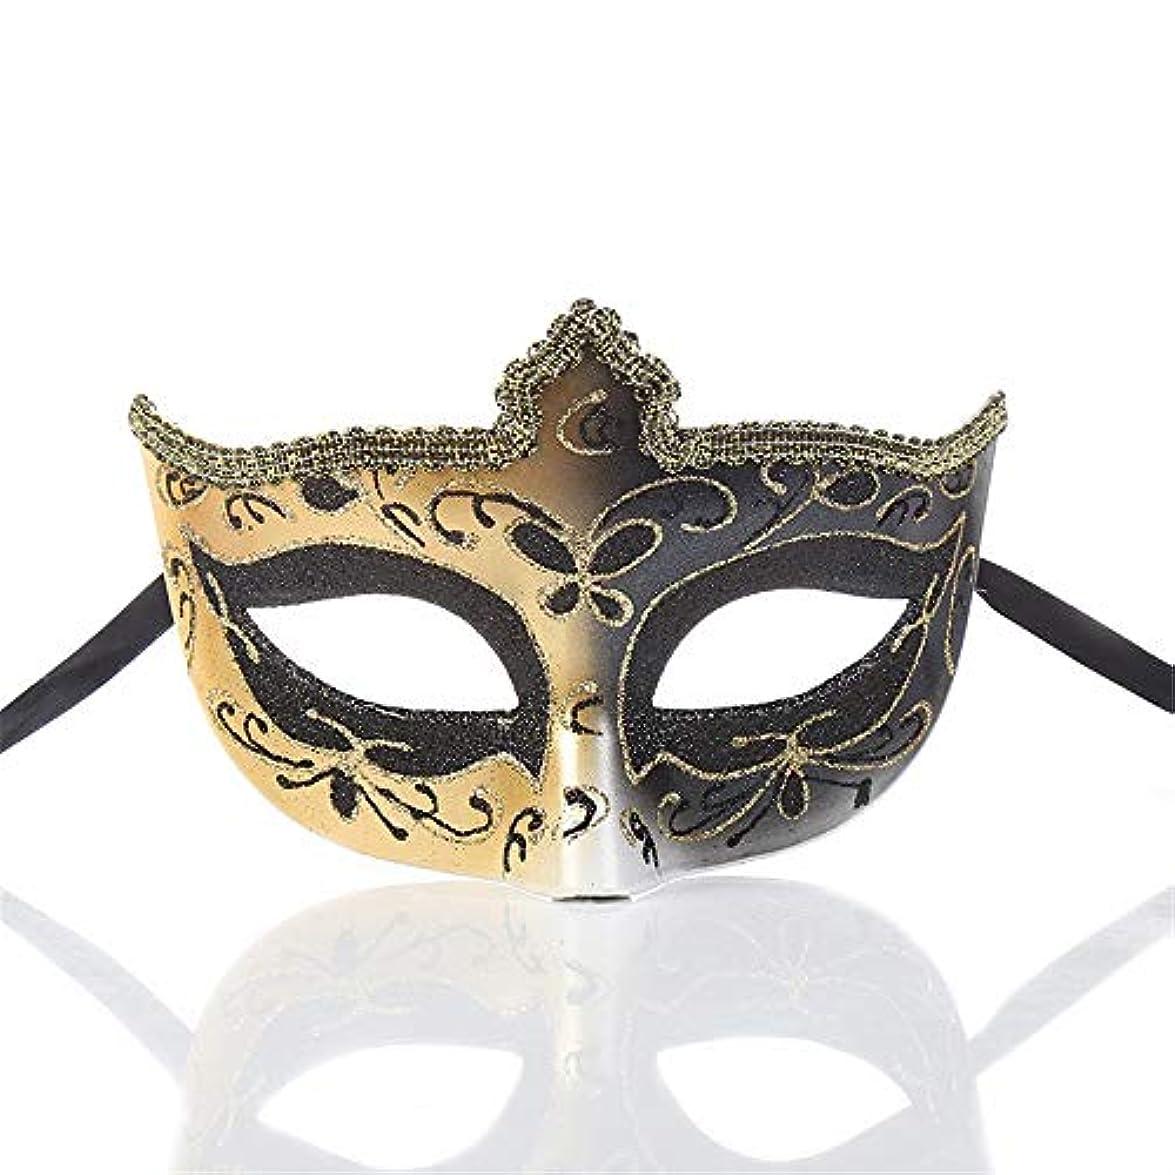 鼻受動的チャンバーダンスマスク クリエイティブクラシックハーフマスクマスカレードパーティーデコレーションコスプレプラスチックマスク ホリデーパーティー用品 (色 : ブラック, サイズ : 17x11cm)